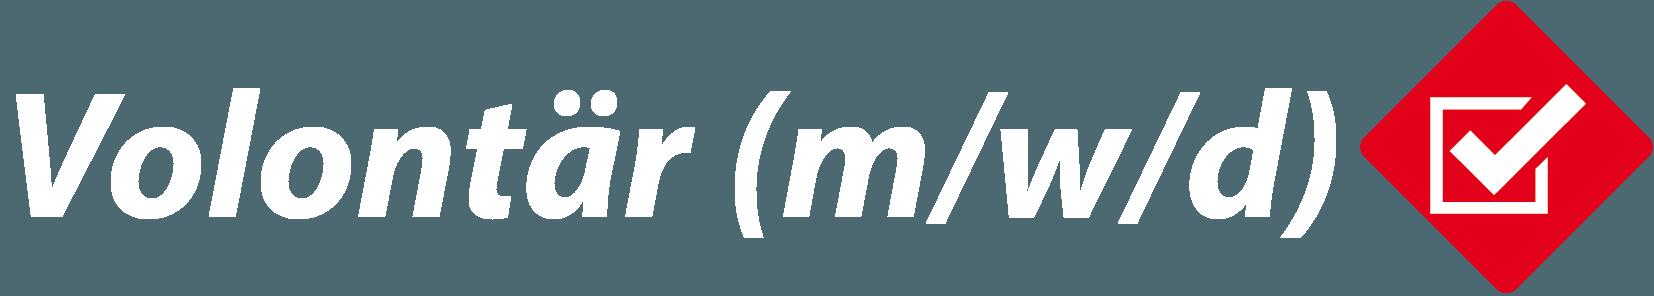 Volontär (m/w/d) Technische Redaktion